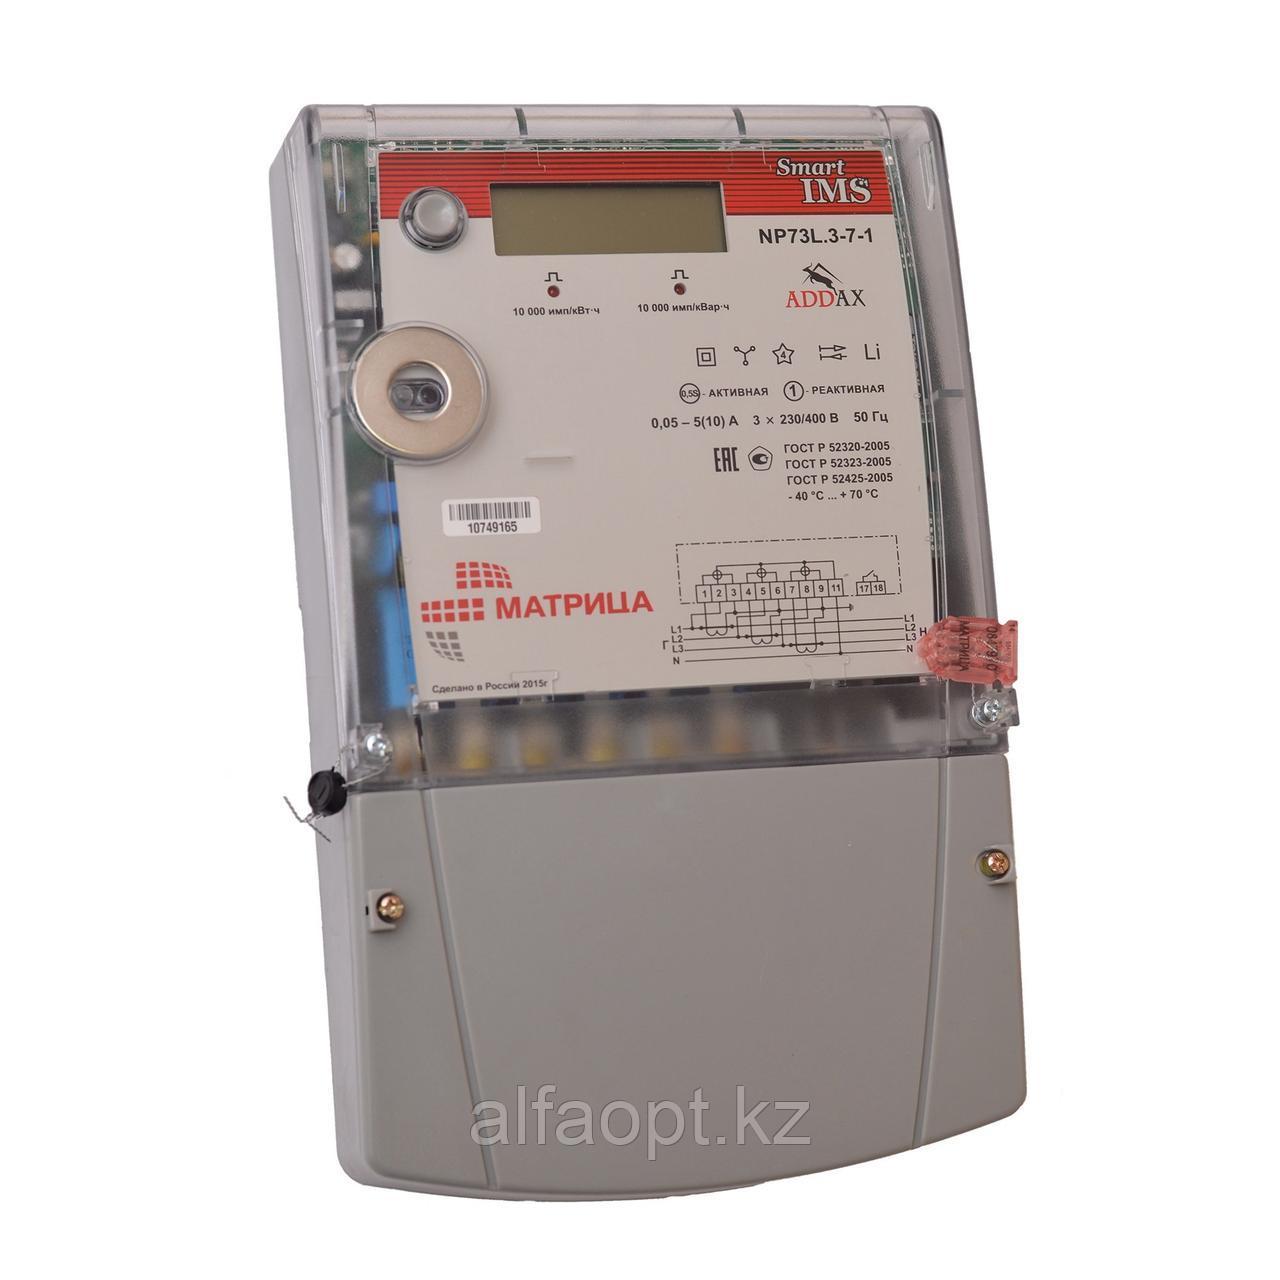 Счетчик электроэнергии Матрица NP 73L.3-7-1